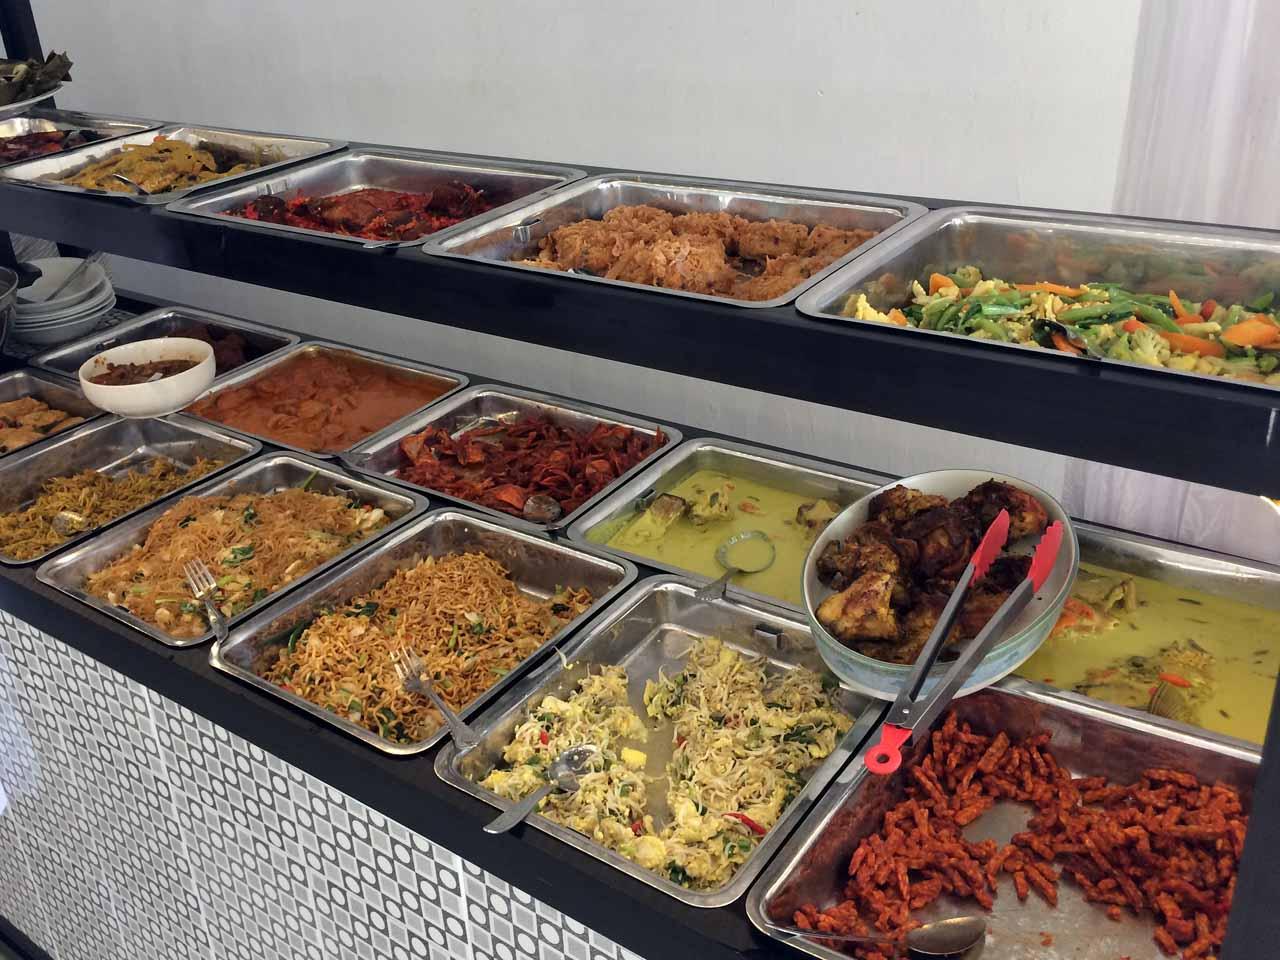 Kantin Rina - Tempat makan di bandar lampung - yopie pangkey - 5